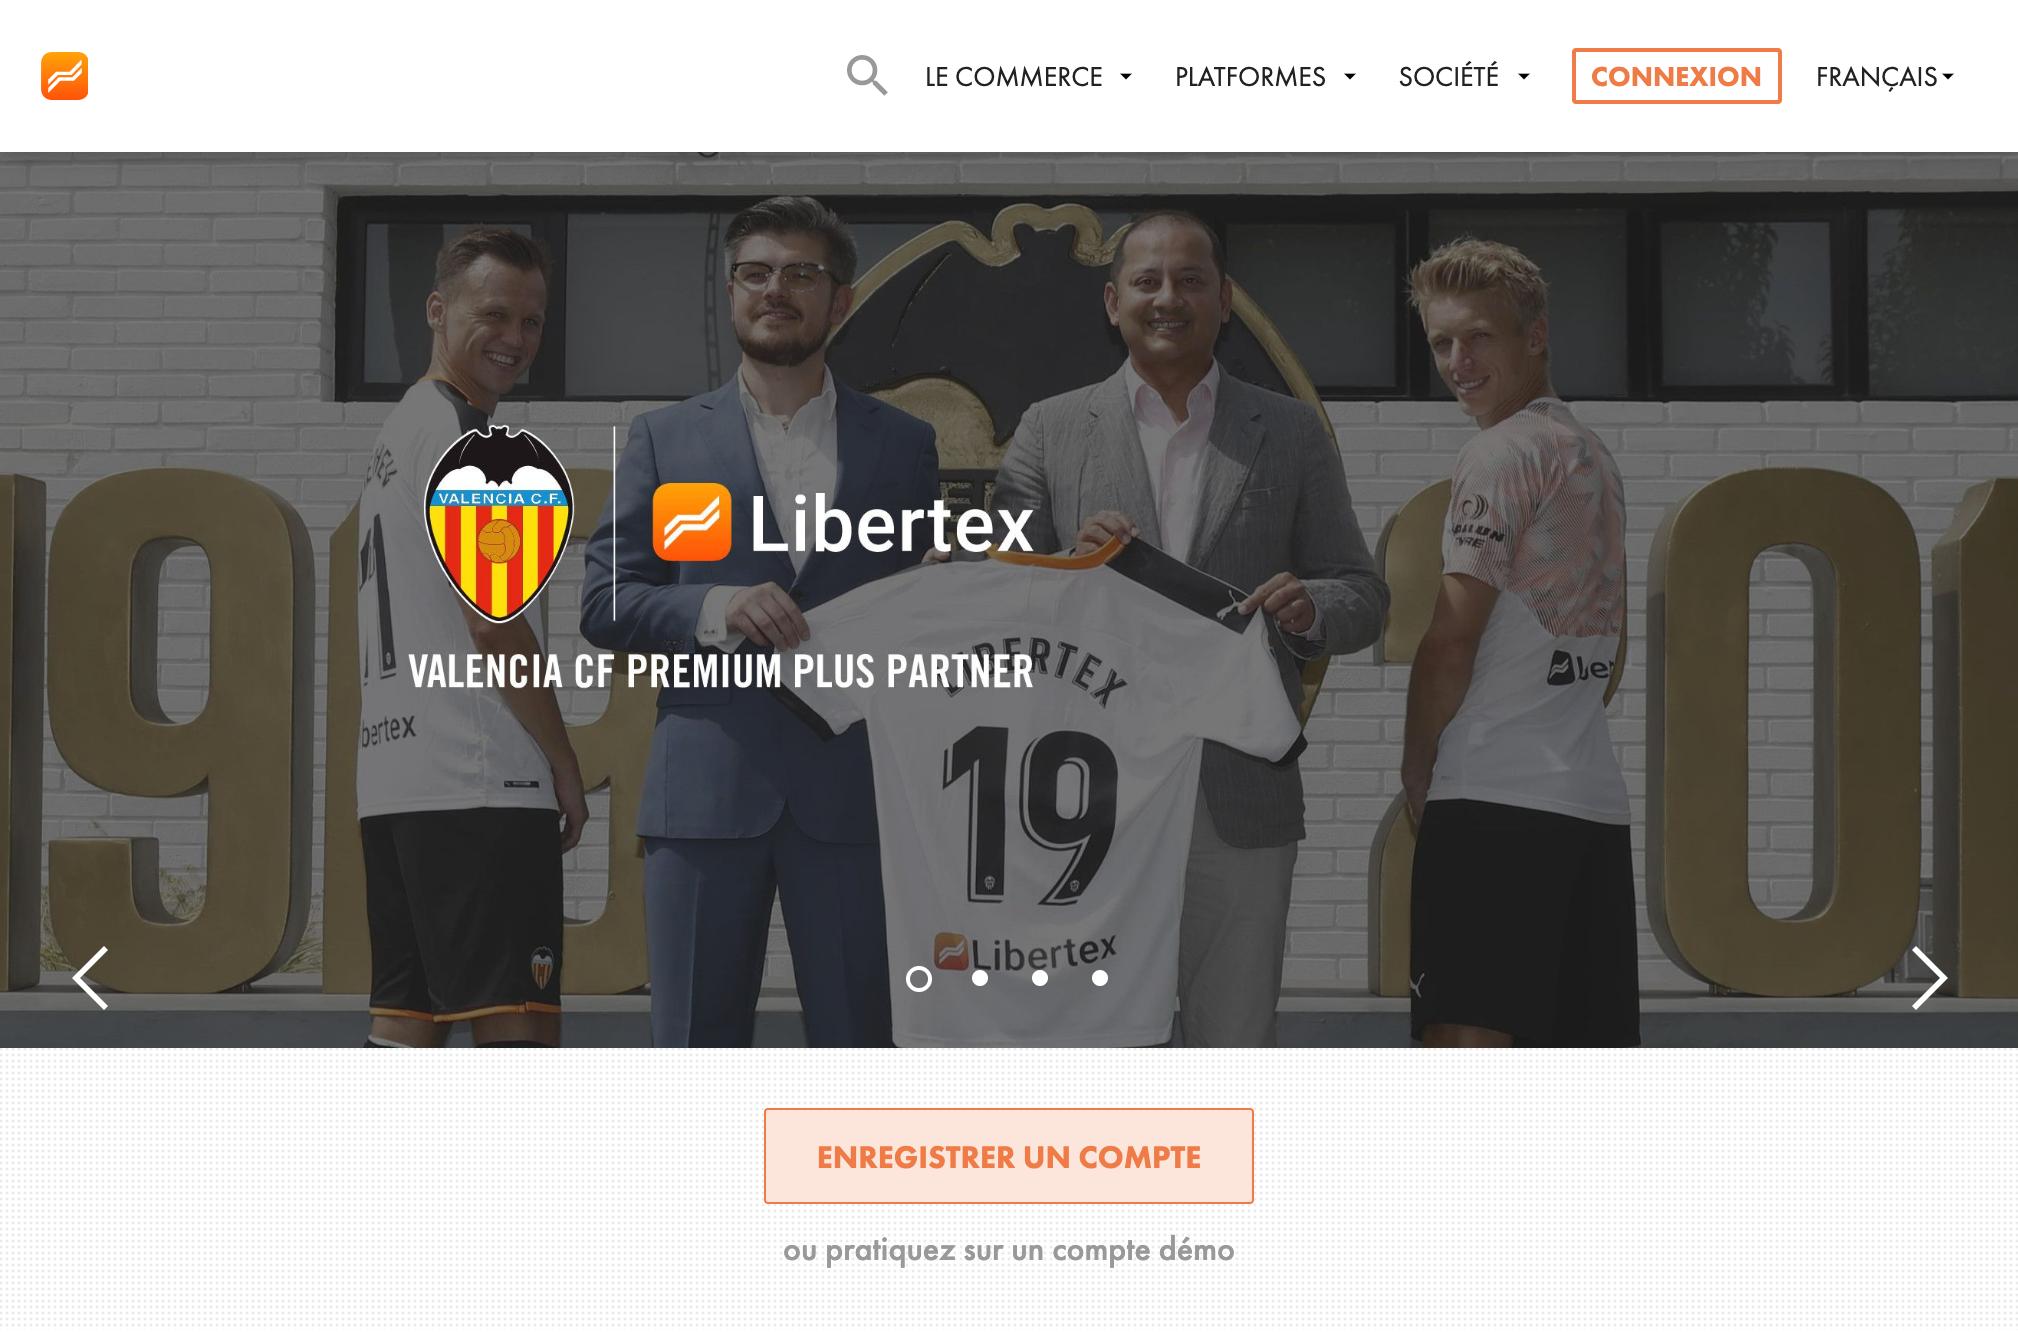 Avis sur Libertex, vérification du niveau de crédibilité